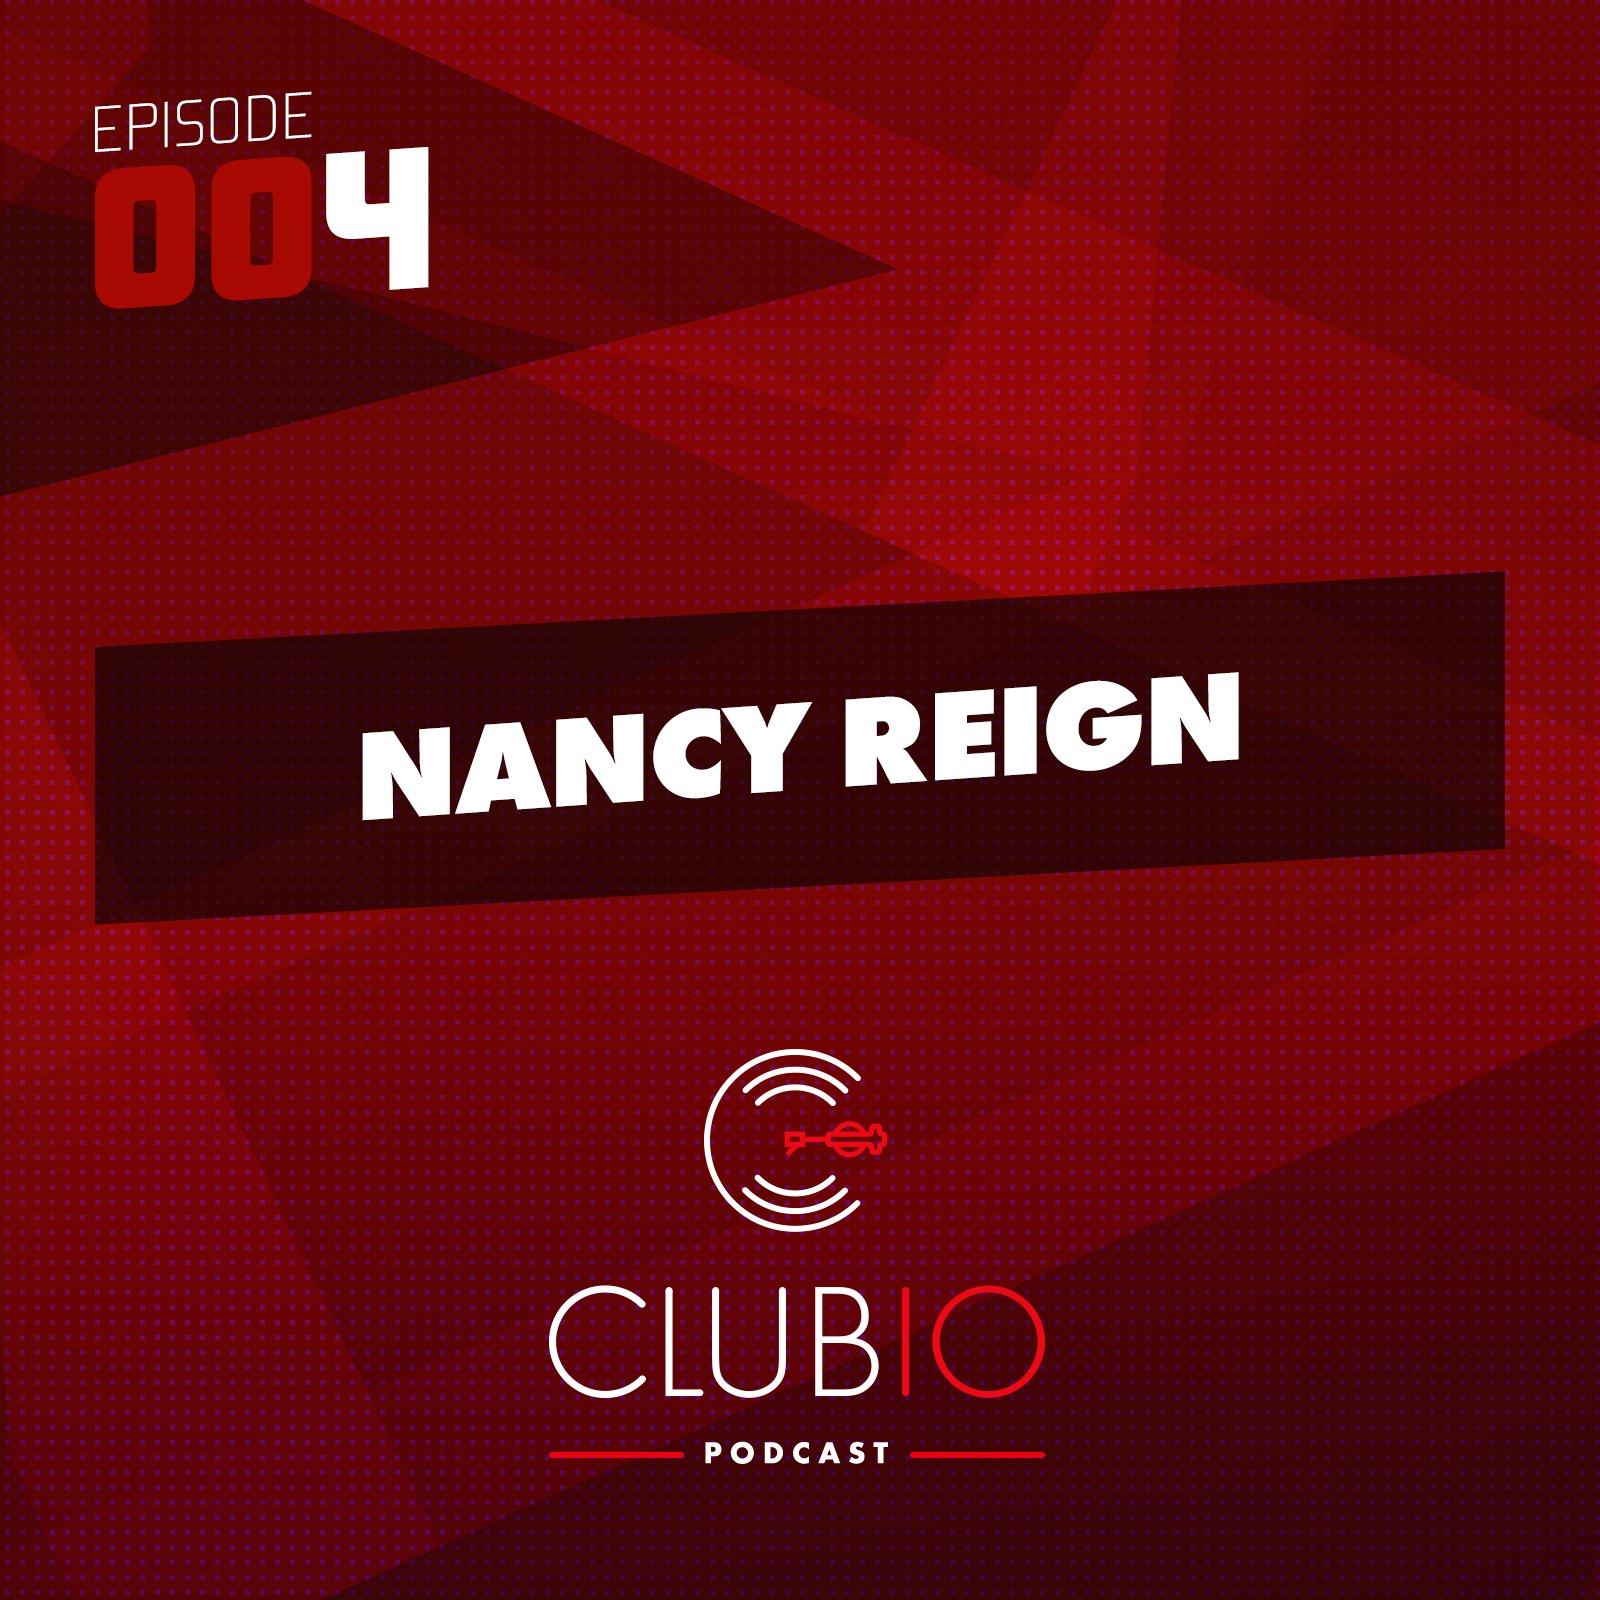 Clubio Podcast 004 - Nancy Reign